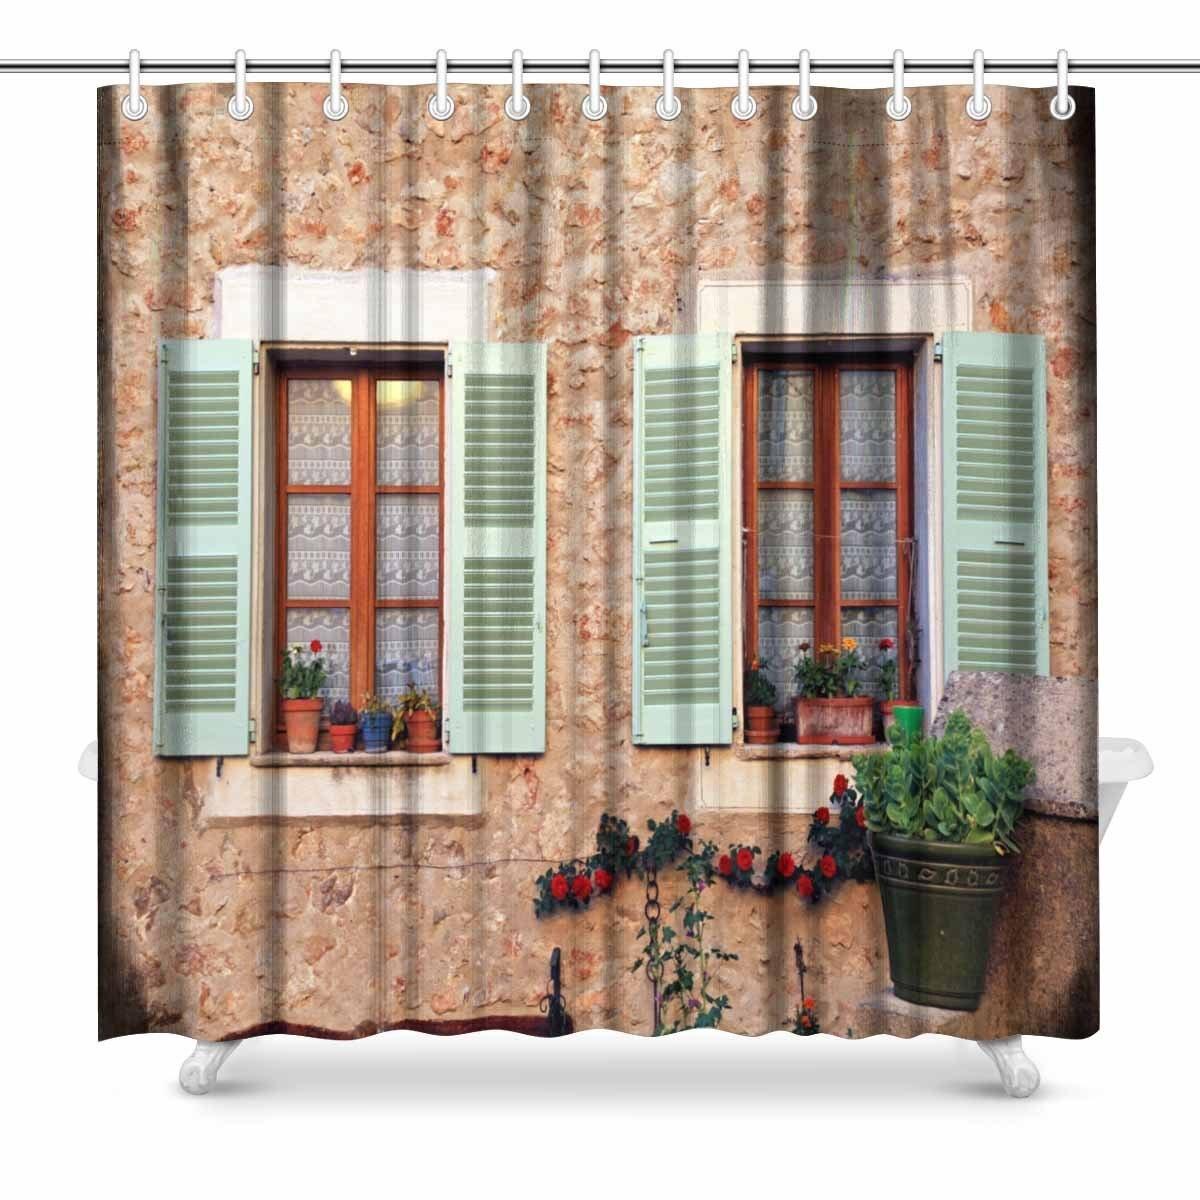 Aplysia Twee Franse Rustieke Windows Met Oude Groene Luiken En Bloempotten In Steen Landelijk Huis Provence Frankrijk Douchegordijnen